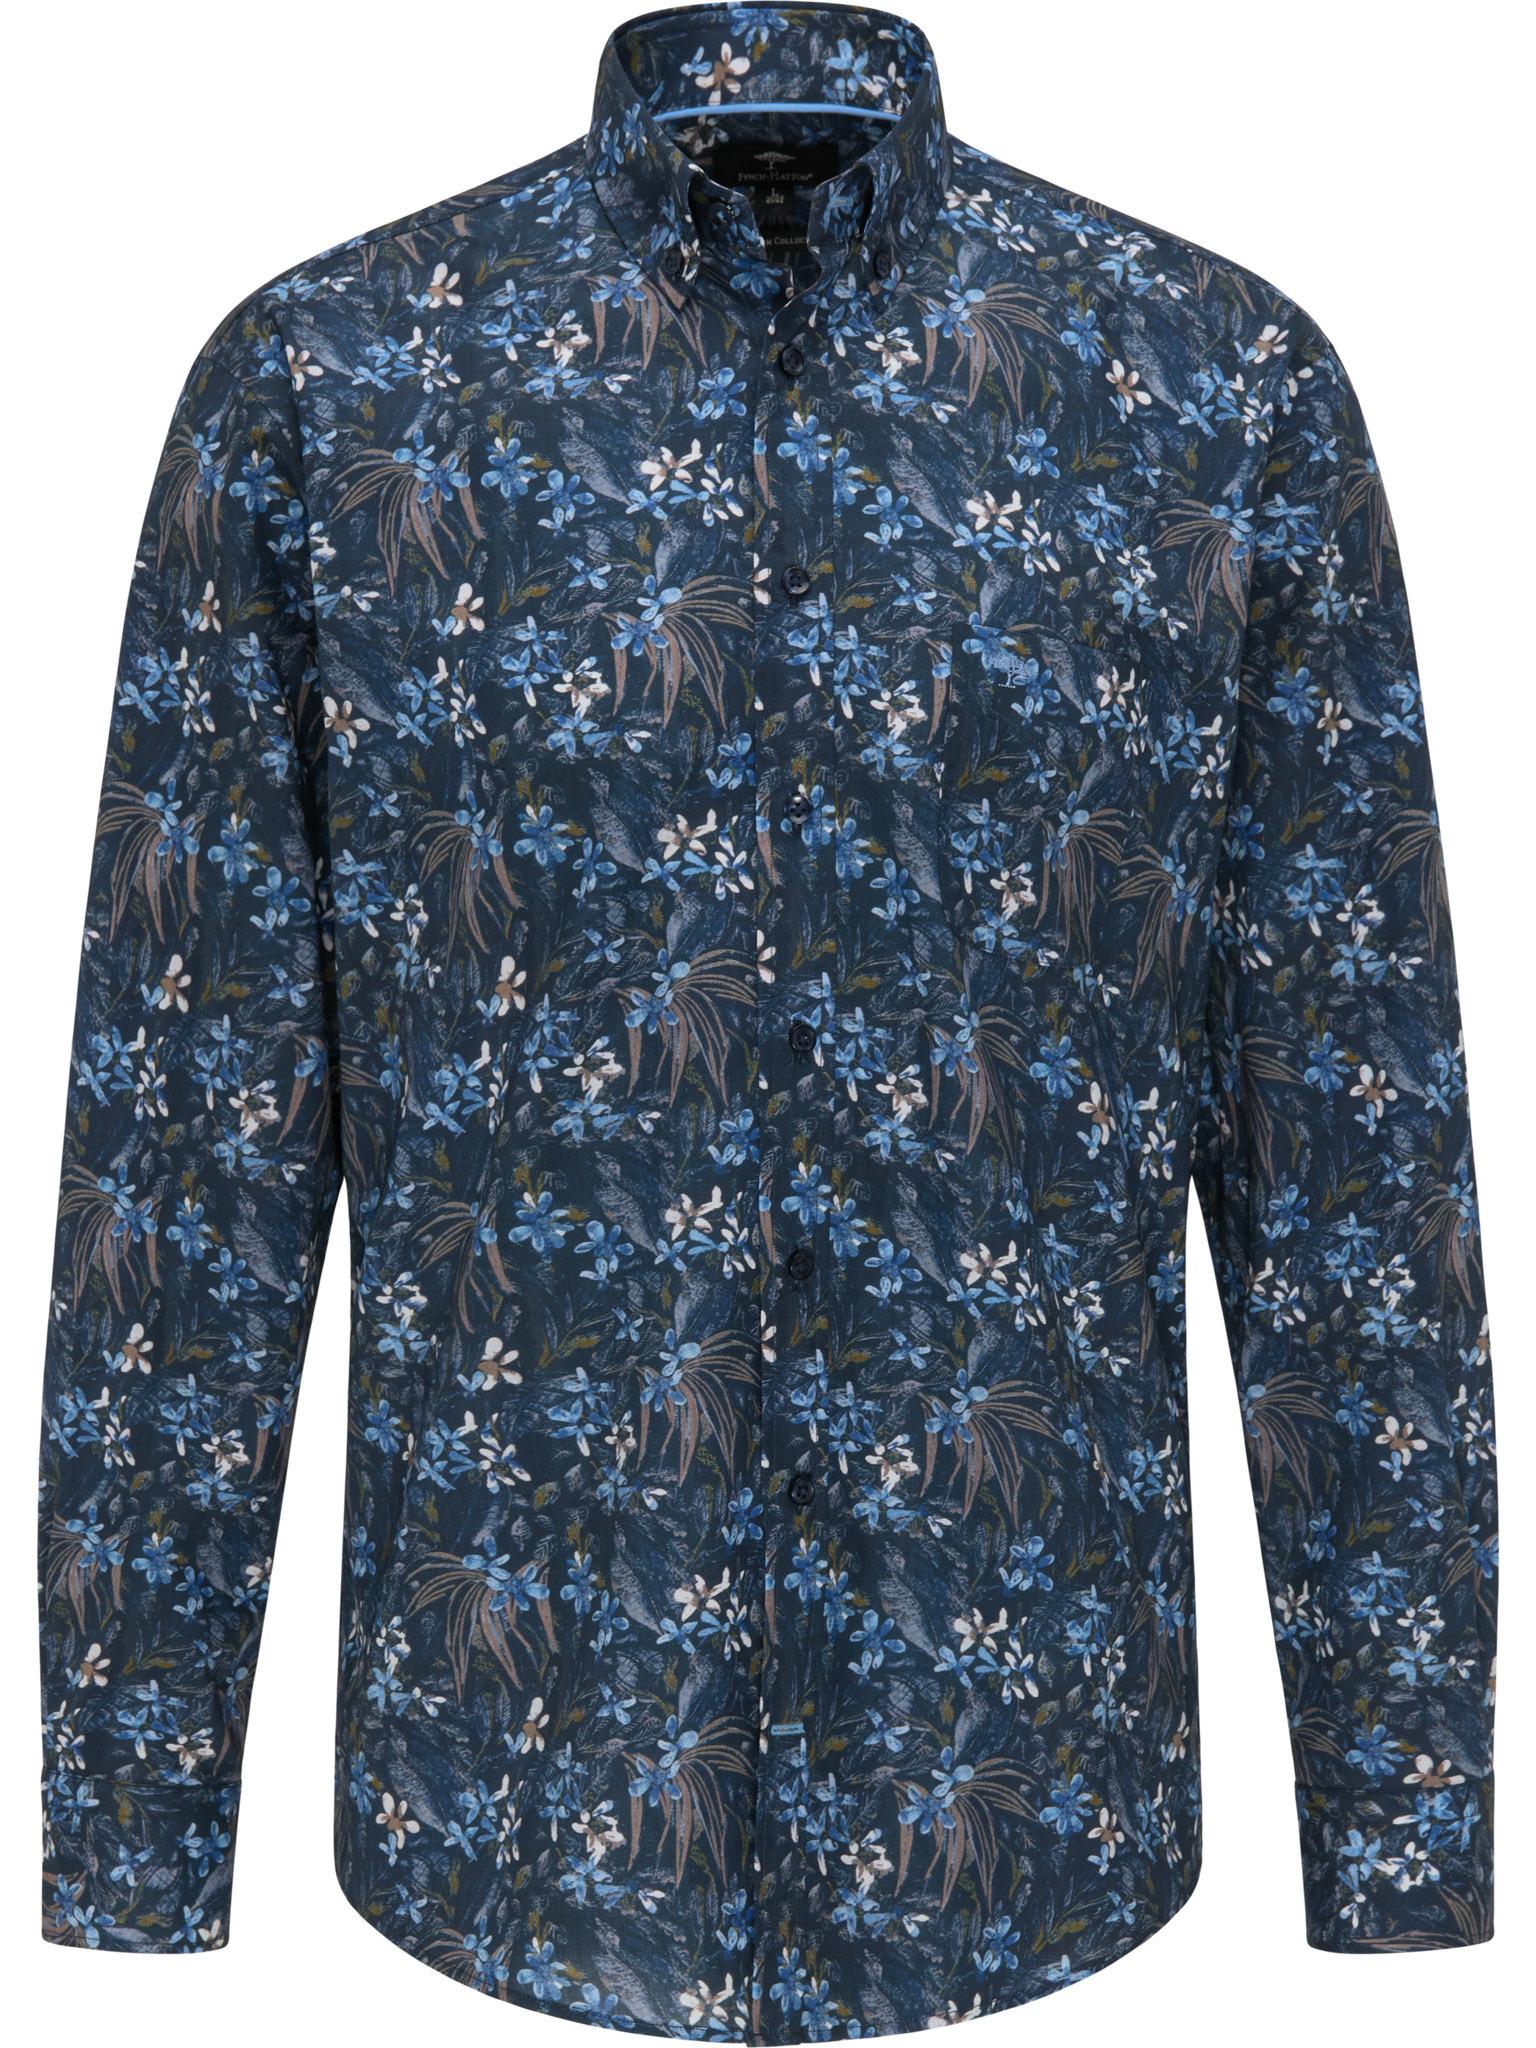 FYNCH HATTON chemise flower-1